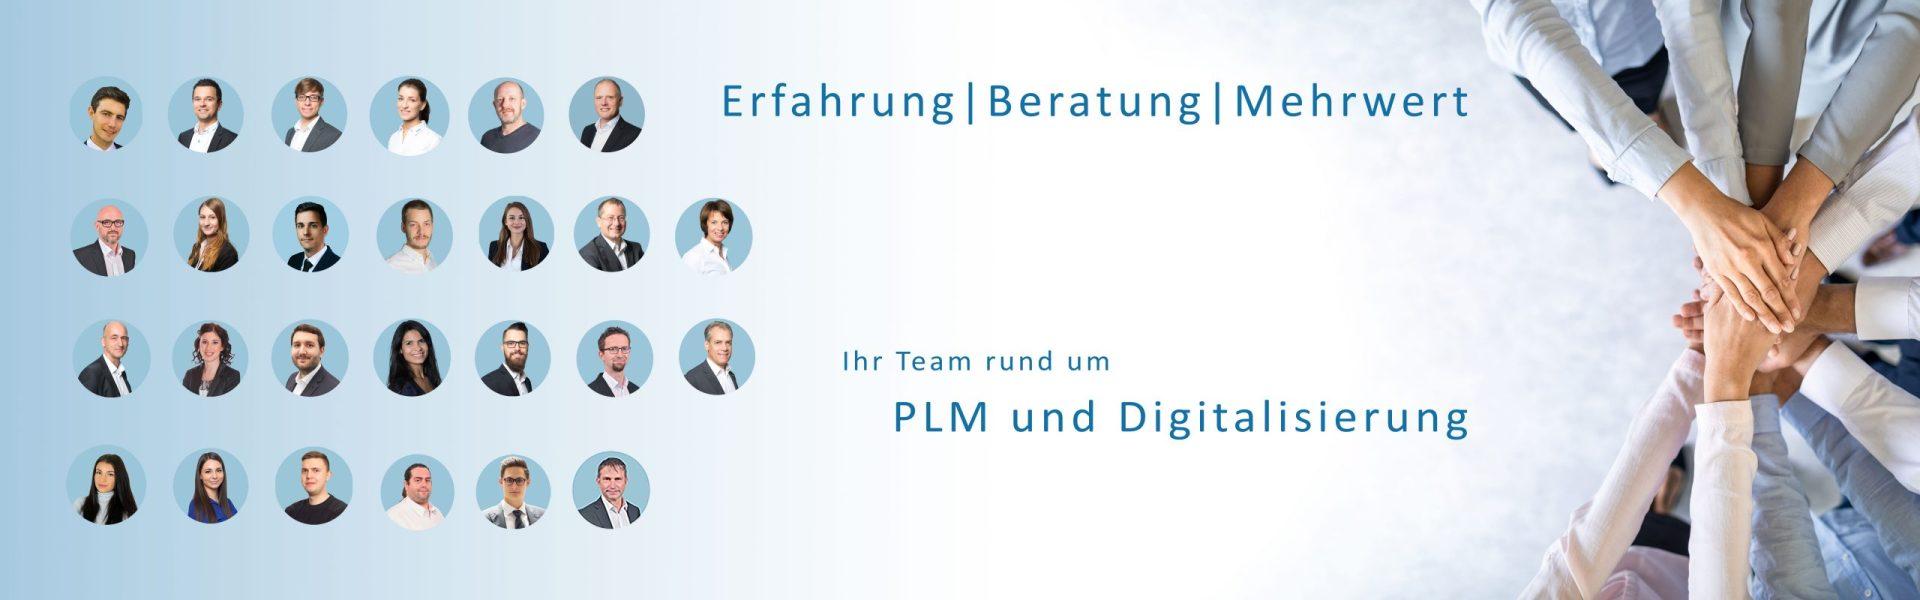 EBM Banner mit Team